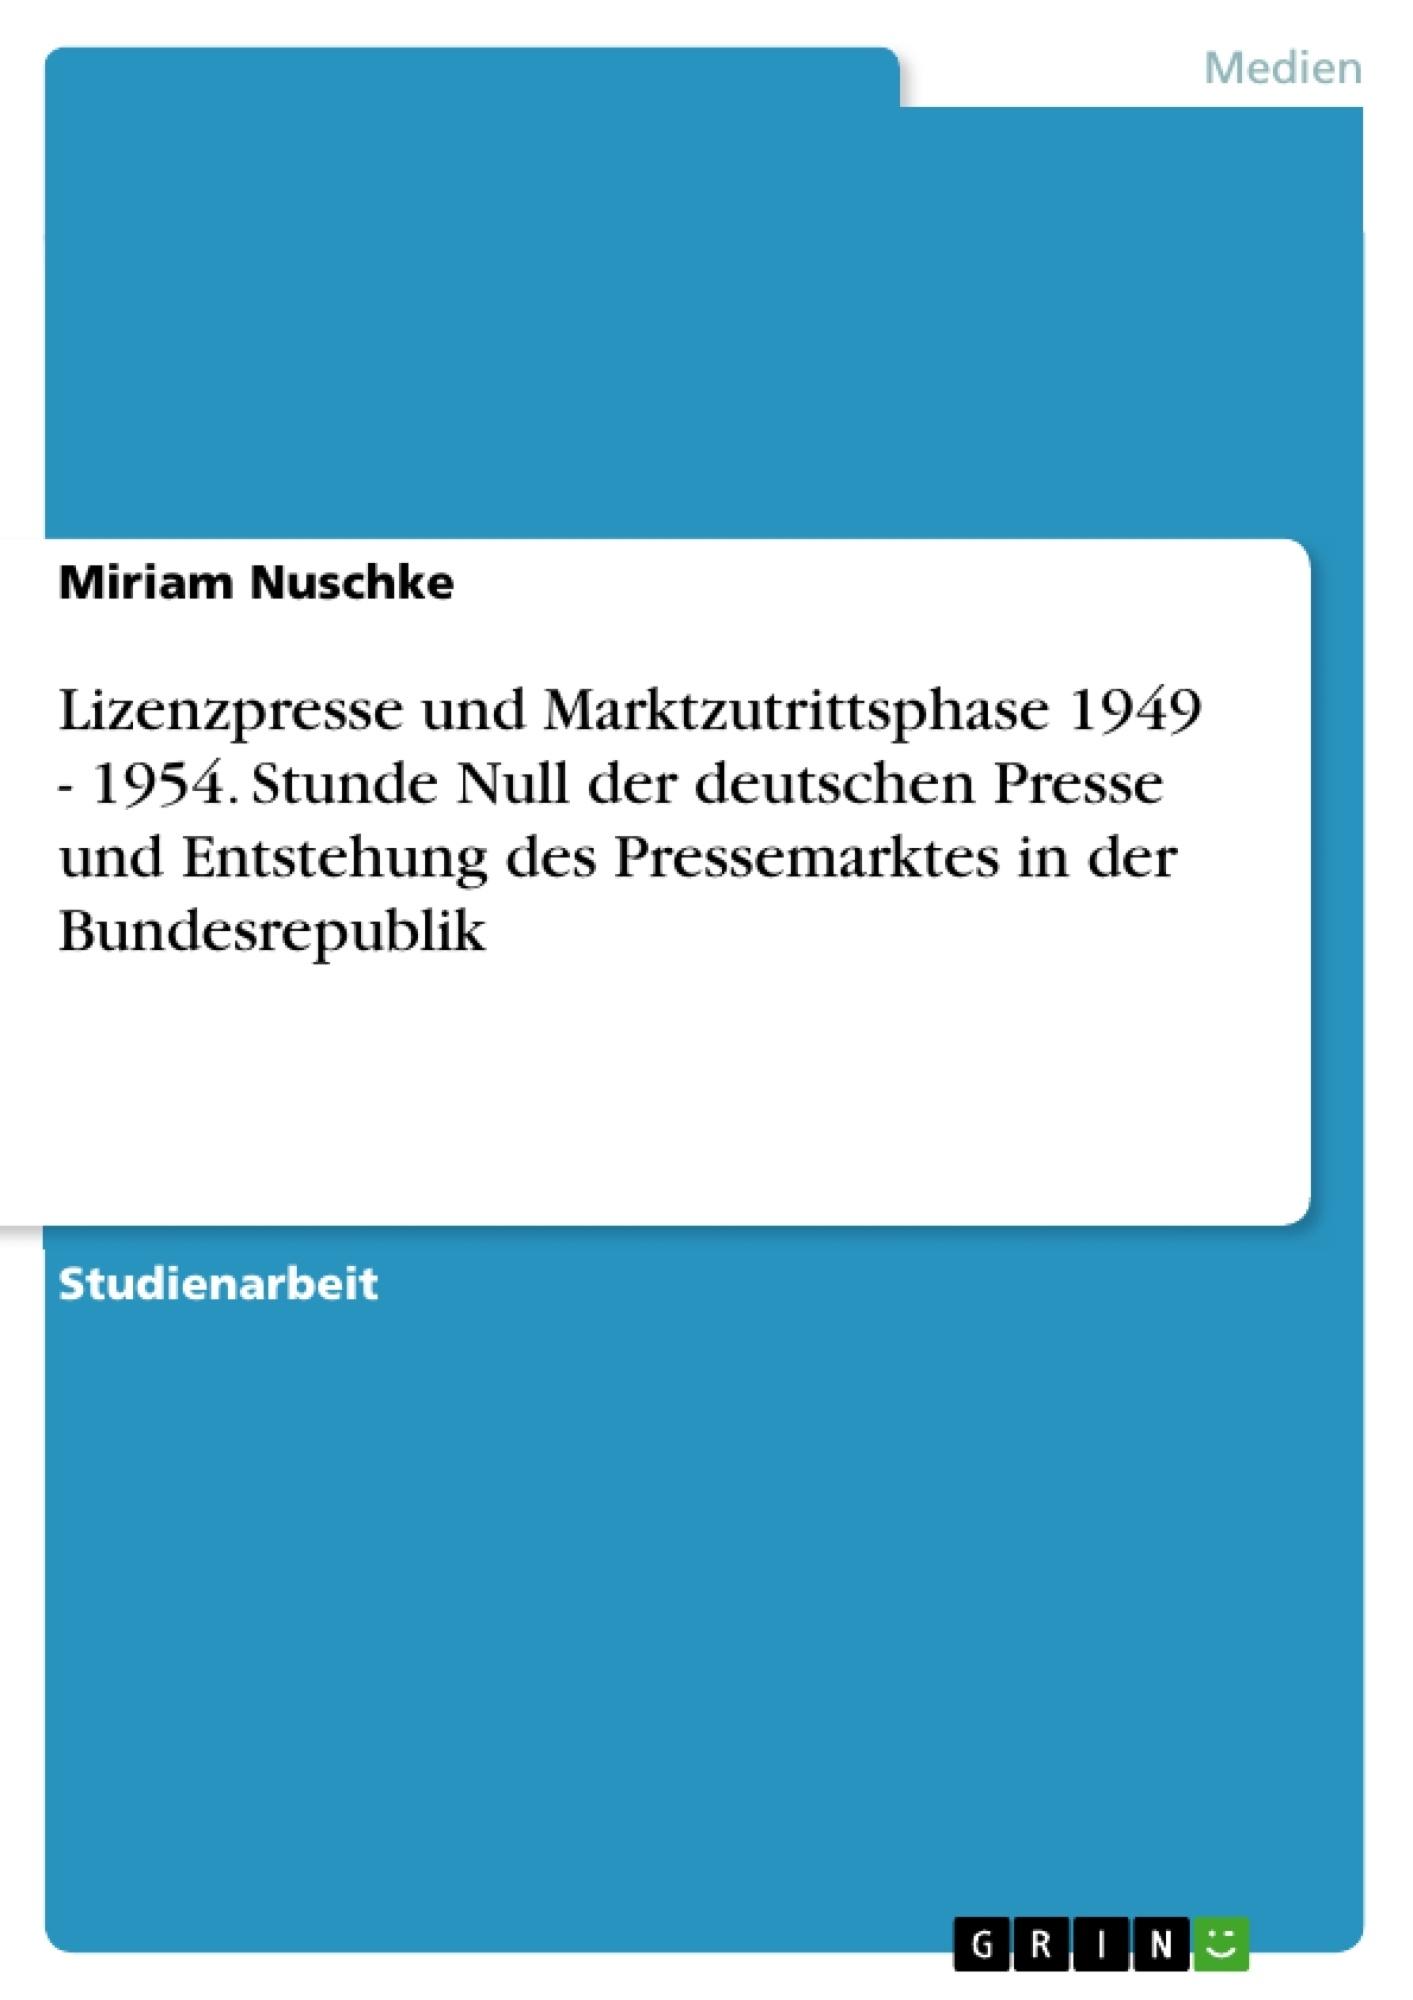 Titel: Lizenzpresse und Marktzutrittsphase 1949 - 1954. Stunde Null der deutschen Presse und Entstehung des Pressemarktes in der Bundesrepublik